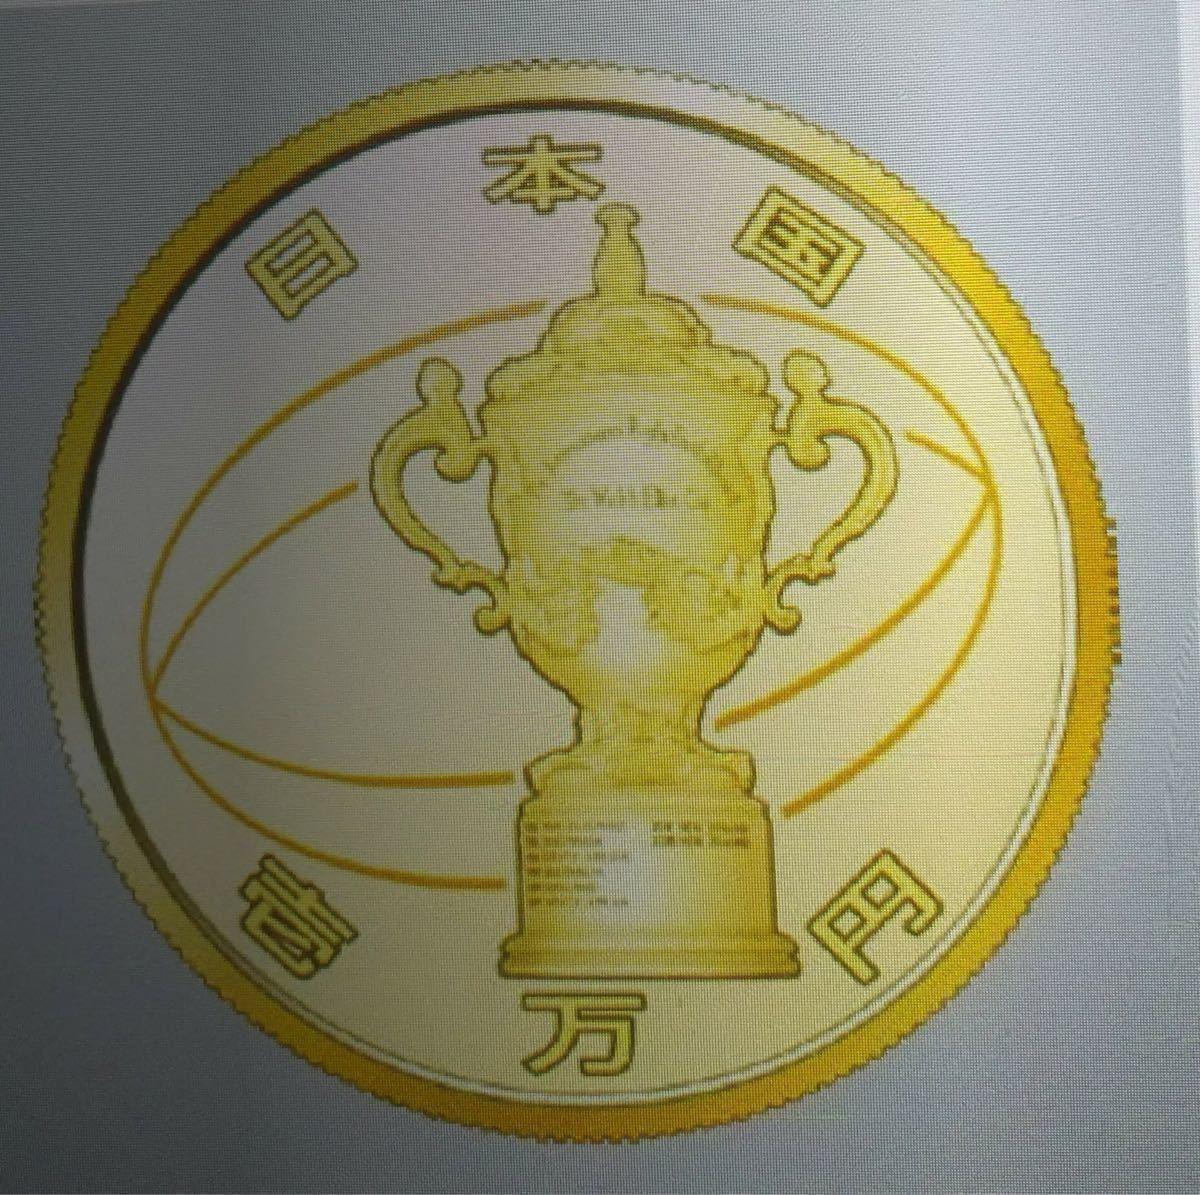 ●ラグビーワールドカップ2019TM日本大会記念 一万円 金貨幣 1万円 金貨 新品 未開封_画像3